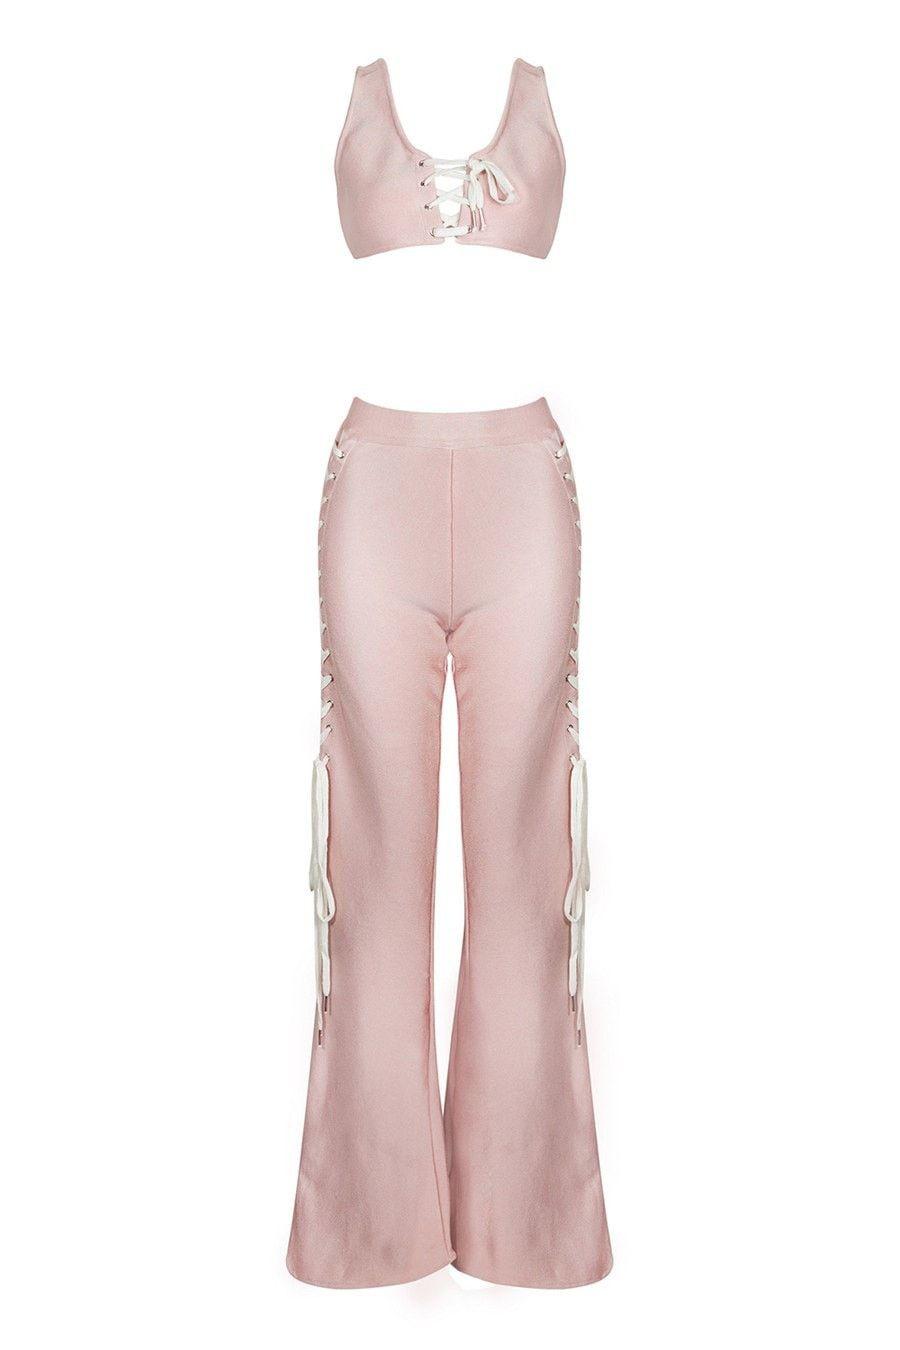 3135896b9d1 Honey Couture BONNY-LEE Pink Lace Up Crop Top   Slit Bandage Pant ...